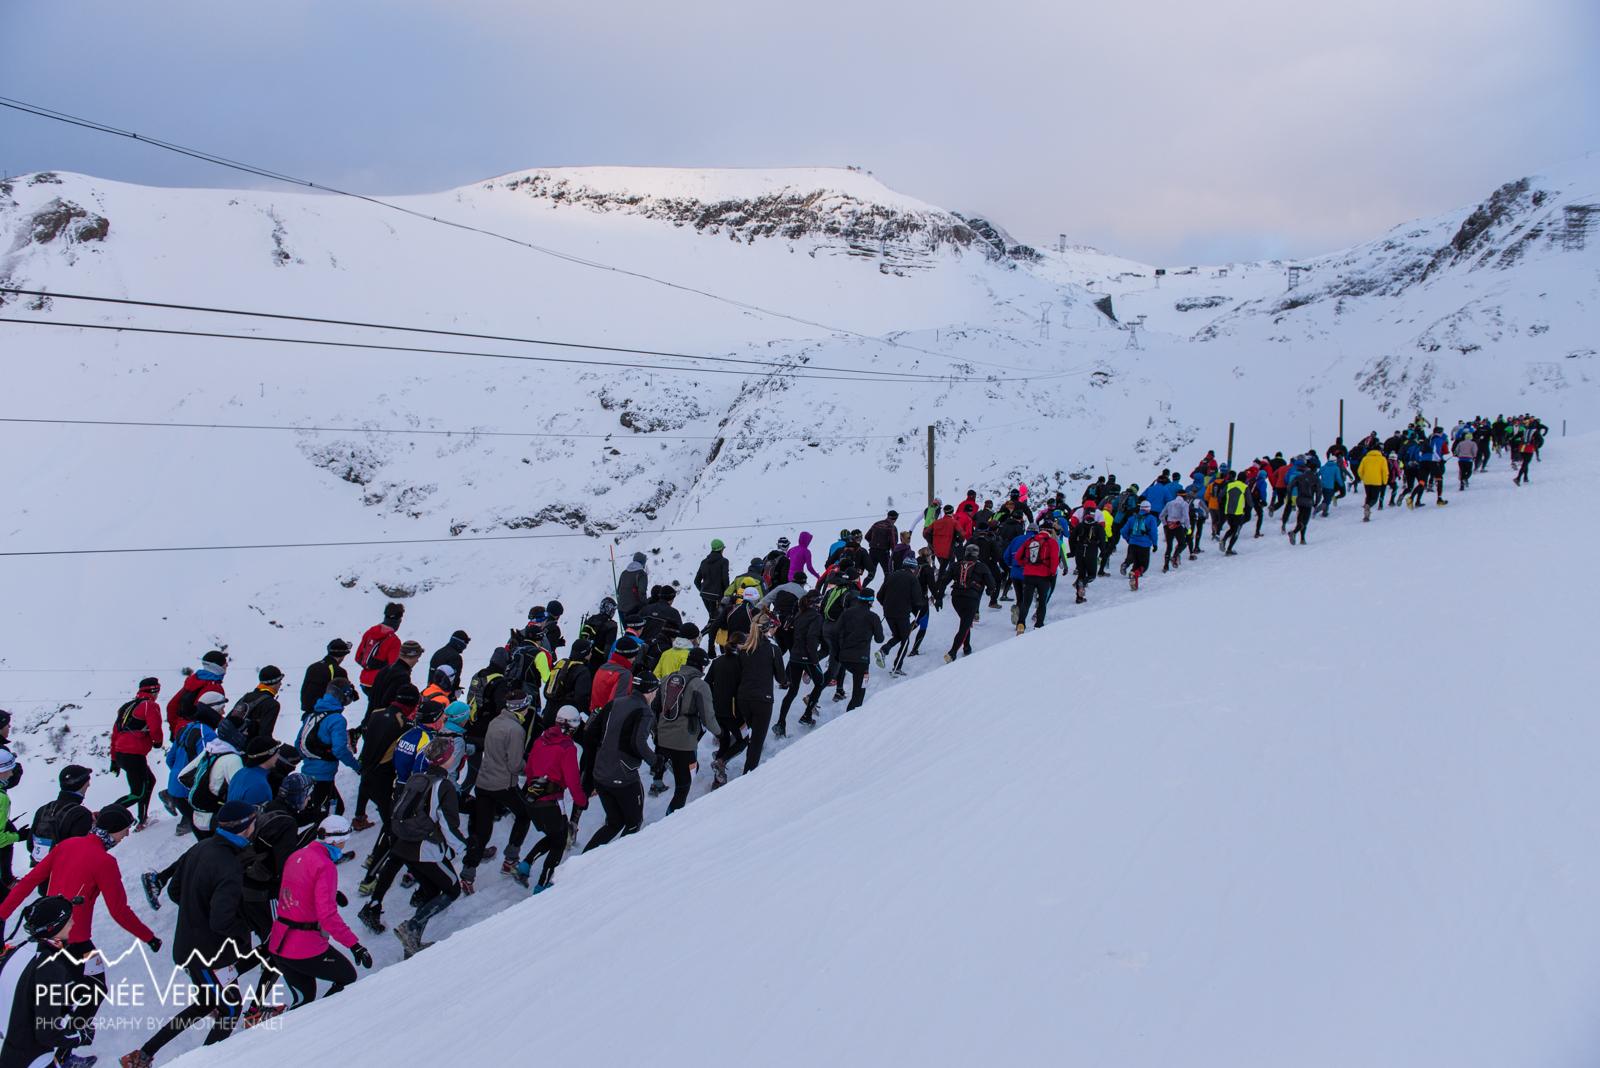 Timothée-Nalet-Le Dauphiné-Snow Trail Lafuma-5865.jpg